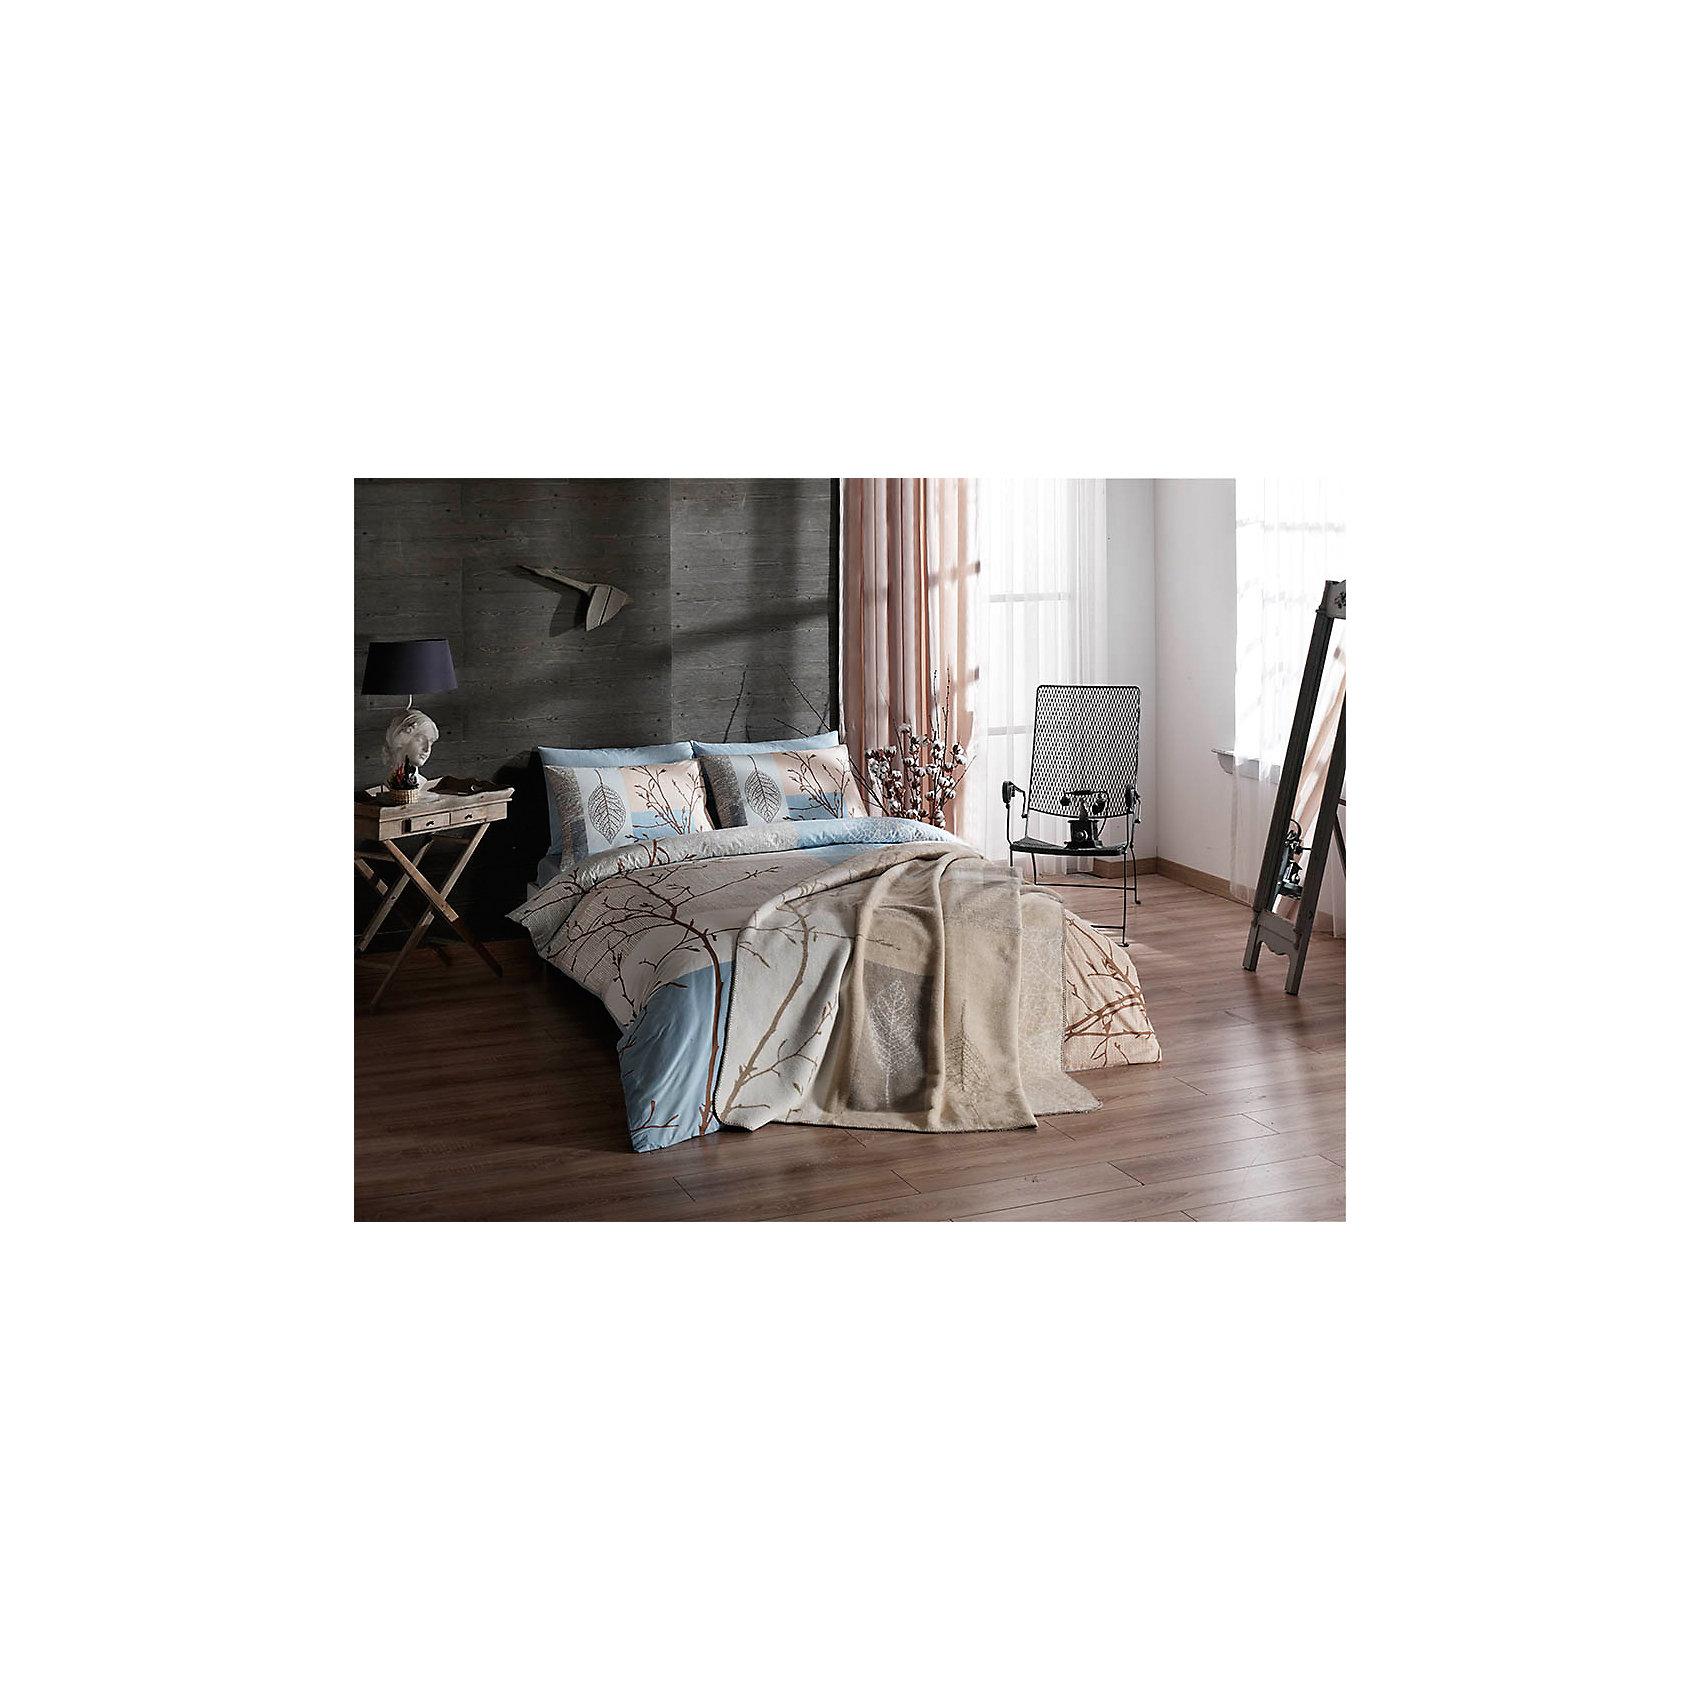 Постельное белье 2 сп. Laurel, Ranforce, TAC, бирюзовыйДомашний текстиль<br>Характеристики товара: <br><br>• комплектация: пододеяльник (200х220см), наволочка 2шт.(50х70см), простынь (240х260см);<br>• общий размер: 2-спальный;<br>• материал: ранфорс (100% хлопок);<br>• цвет: бирюзовый;<br>• страна бренда: Турция;<br>• страна производитель: Турция.<br><br>Это постельное бельё от турецкого бренда TAC (ТАЧ) отлично впишется в интерьер. Несмотря на плотность ткани, она состоит из мельчайших волокон, что придаёт мягкость и воздушность изделию. Все материалы, которые входят в состав этого комплекта, гипоаллергенны и не вызывают неприятных ощущений.<br><br>Постельное бельё не боится воды, так как пропускает через себя около 20% влаги и выводит наружу, поэтому её очень легко сушить. Такие материалы не электризуются, а наоборот способствуют улучшению сна и хорошо пропускают воздух. <br><br>Такой комплект очень устойчив к частым стиркам, его рекомендуется стирать обычным порошком. Ткань отличается особой износоустойчивостью и прочностью.<br><br>Постельное бельё Laurel (Лаурель) можно купить в нашем интернет-магазине.<br><br>Ширина мм: 270<br>Глубина мм: 70<br>Высота мм: 390<br>Вес г: 2800<br>Возраст от месяцев: 216<br>Возраст до месяцев: 1188<br>Пол: Унисекс<br>Возраст: Детский<br>SKU: 6849251